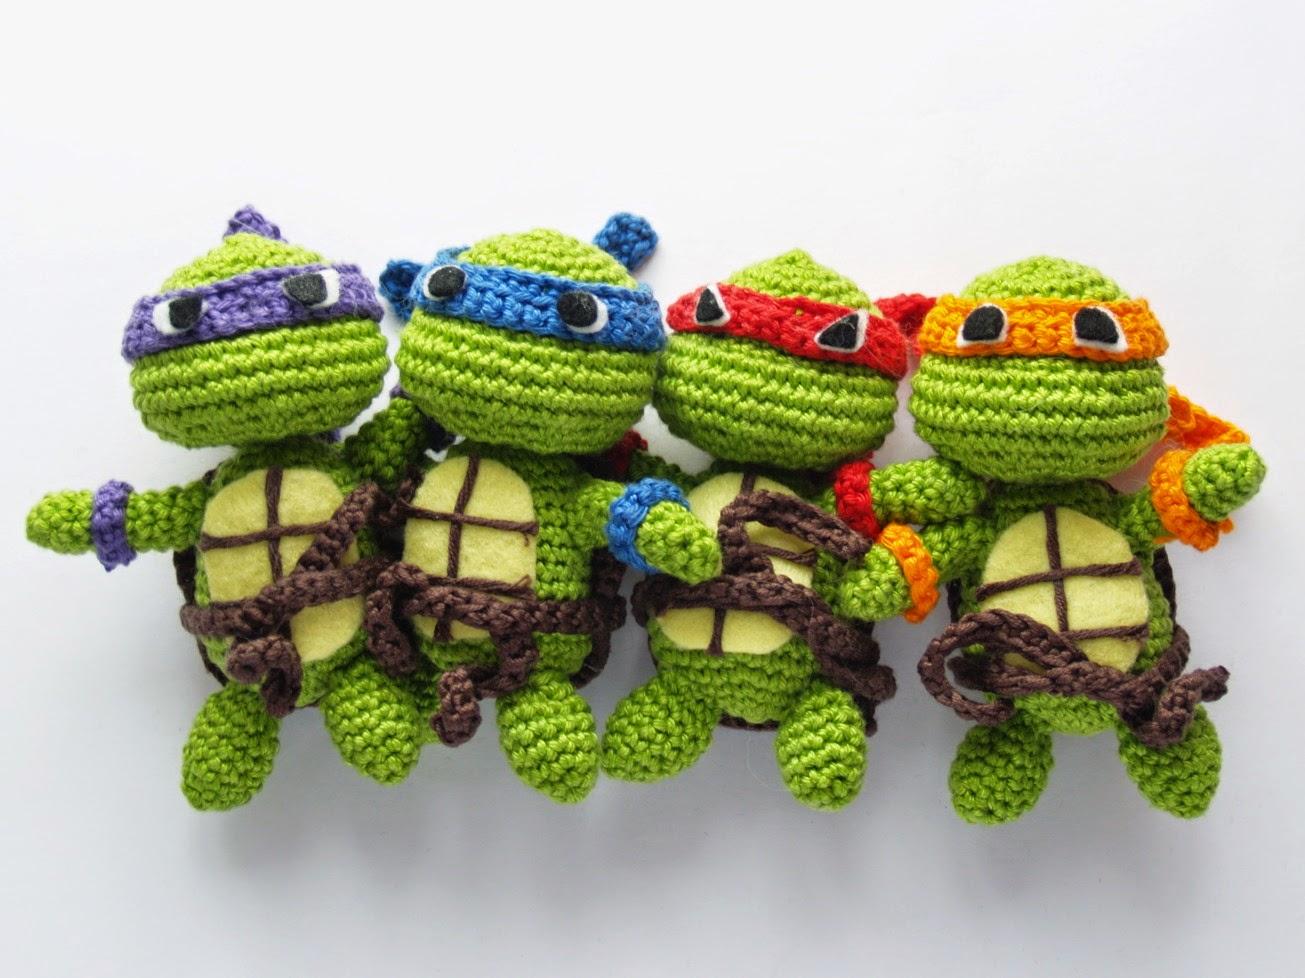 Willst Mi Häkeln Amigurumi Turtles